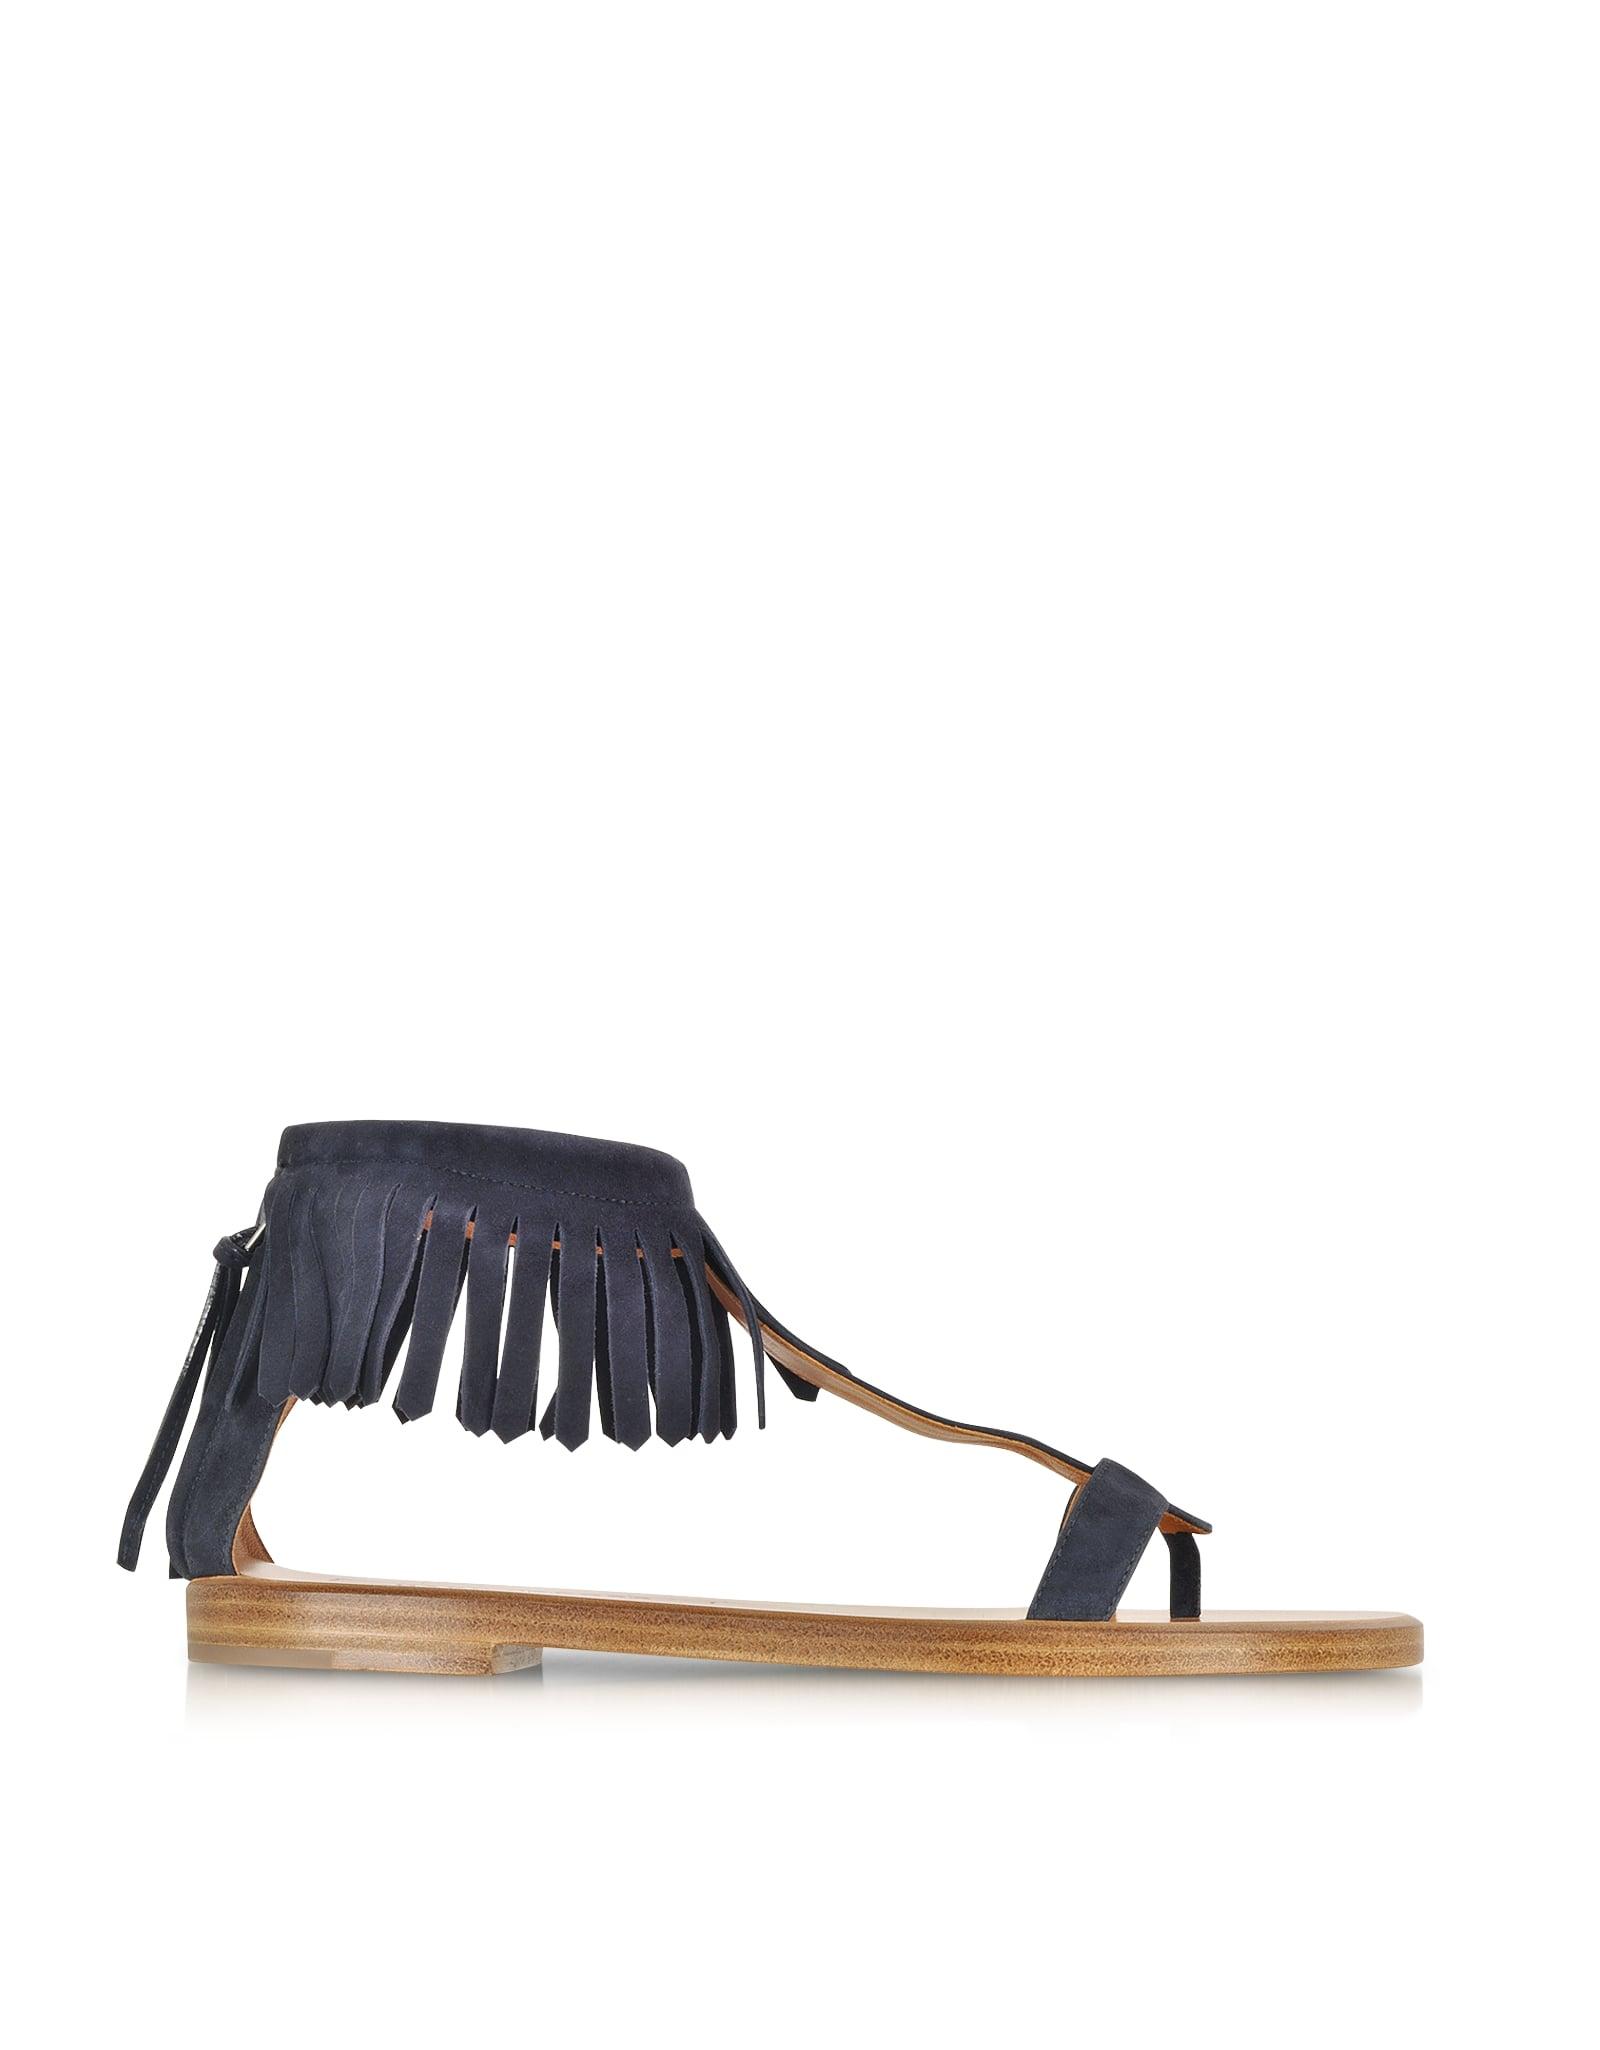 Marc Jacobs Fringe Sandals